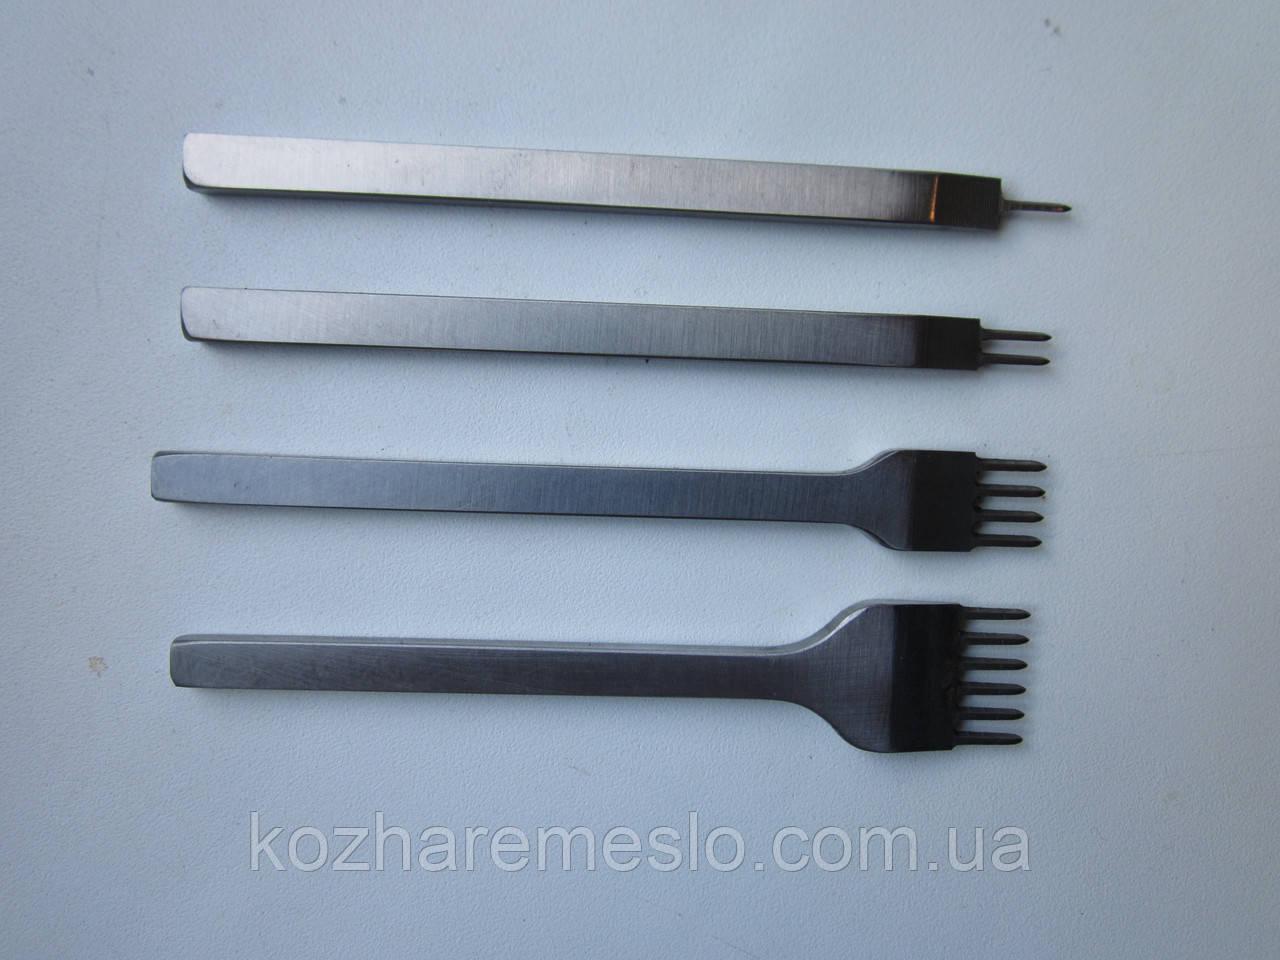 Пробойники шаговые (вилковые) для кожи шаг 5 мм